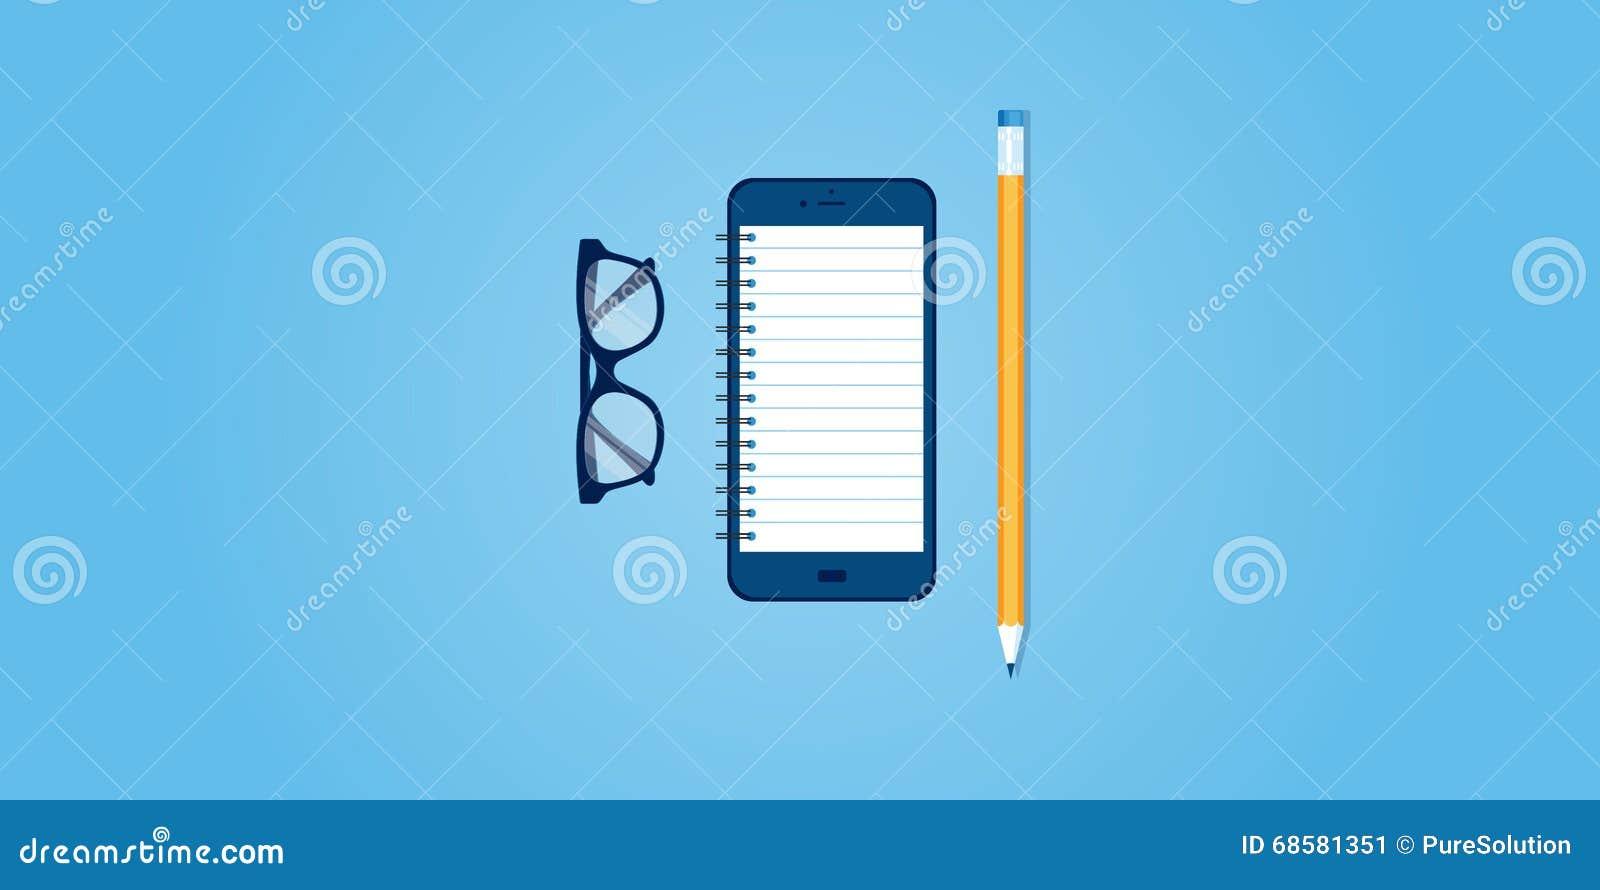 Flat Line Design Website Banner Of Mobile Reminder Stock Vector ...